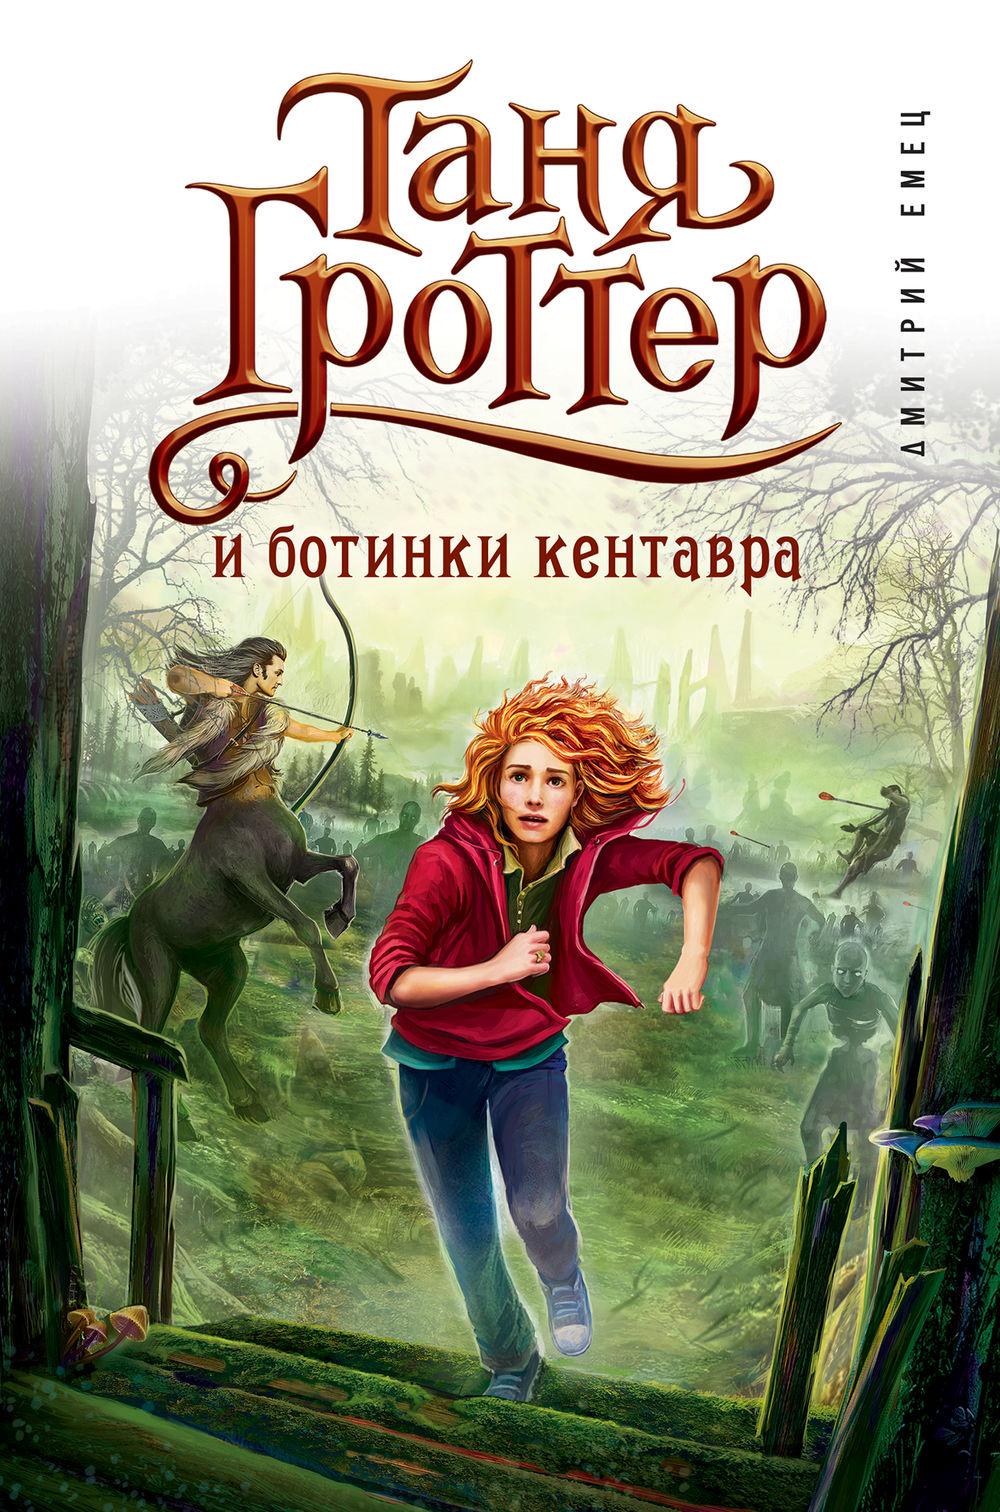 Таня гроттер 8 книга скачать